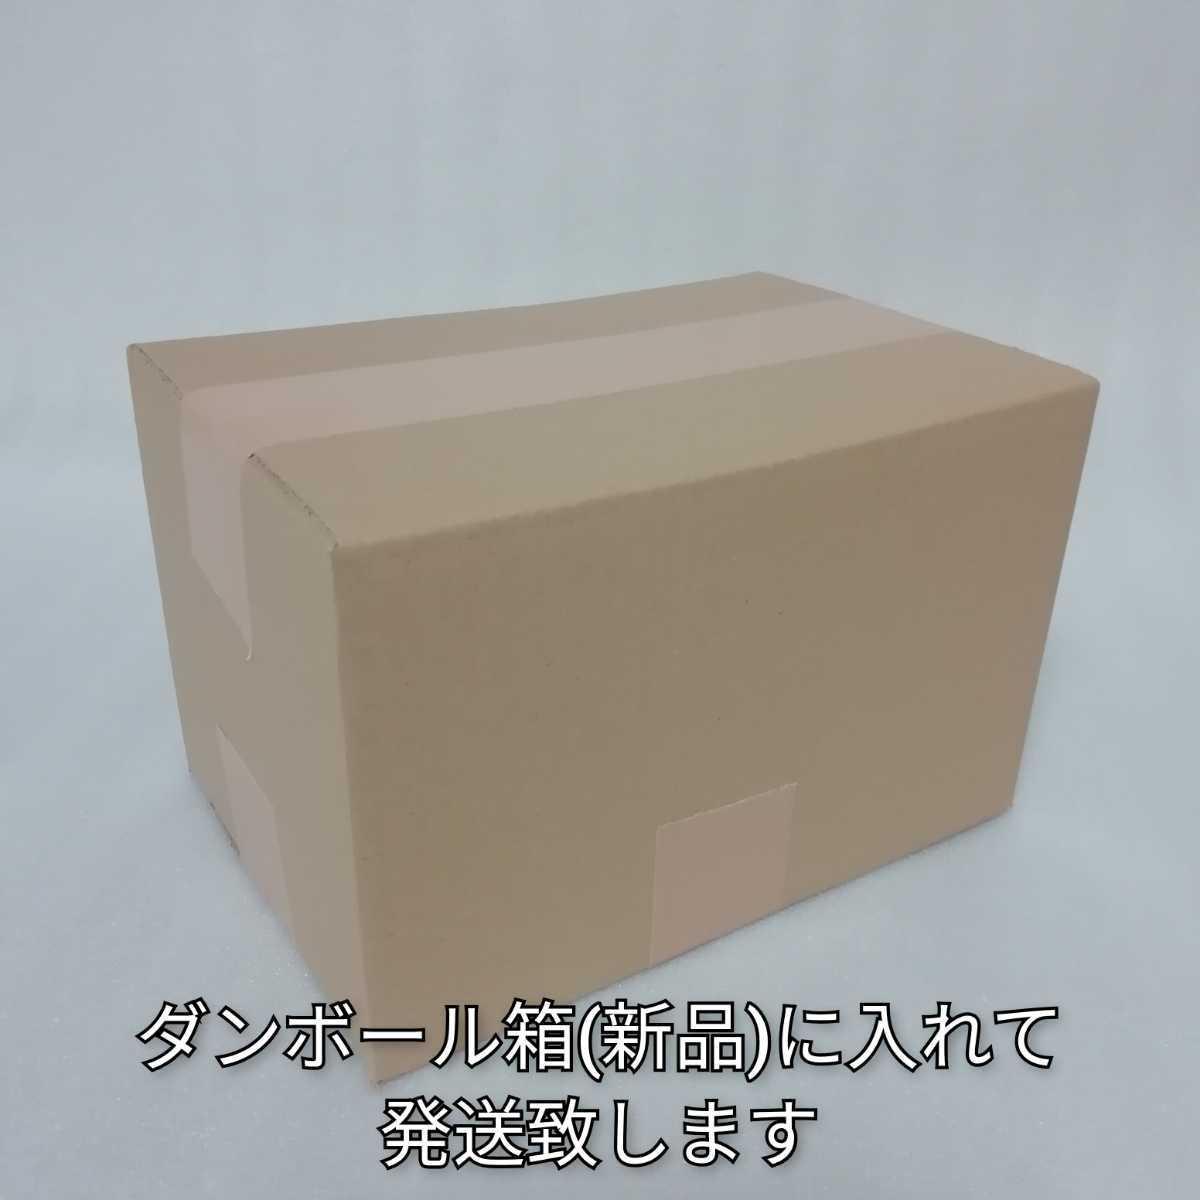 豆のまま ブレンドフォルテシモ 2袋 1kg 1袋500g 澤井珈琲 レギュラーコーヒー 豆の状態 豆 コーヒー コーヒー豆_画像4